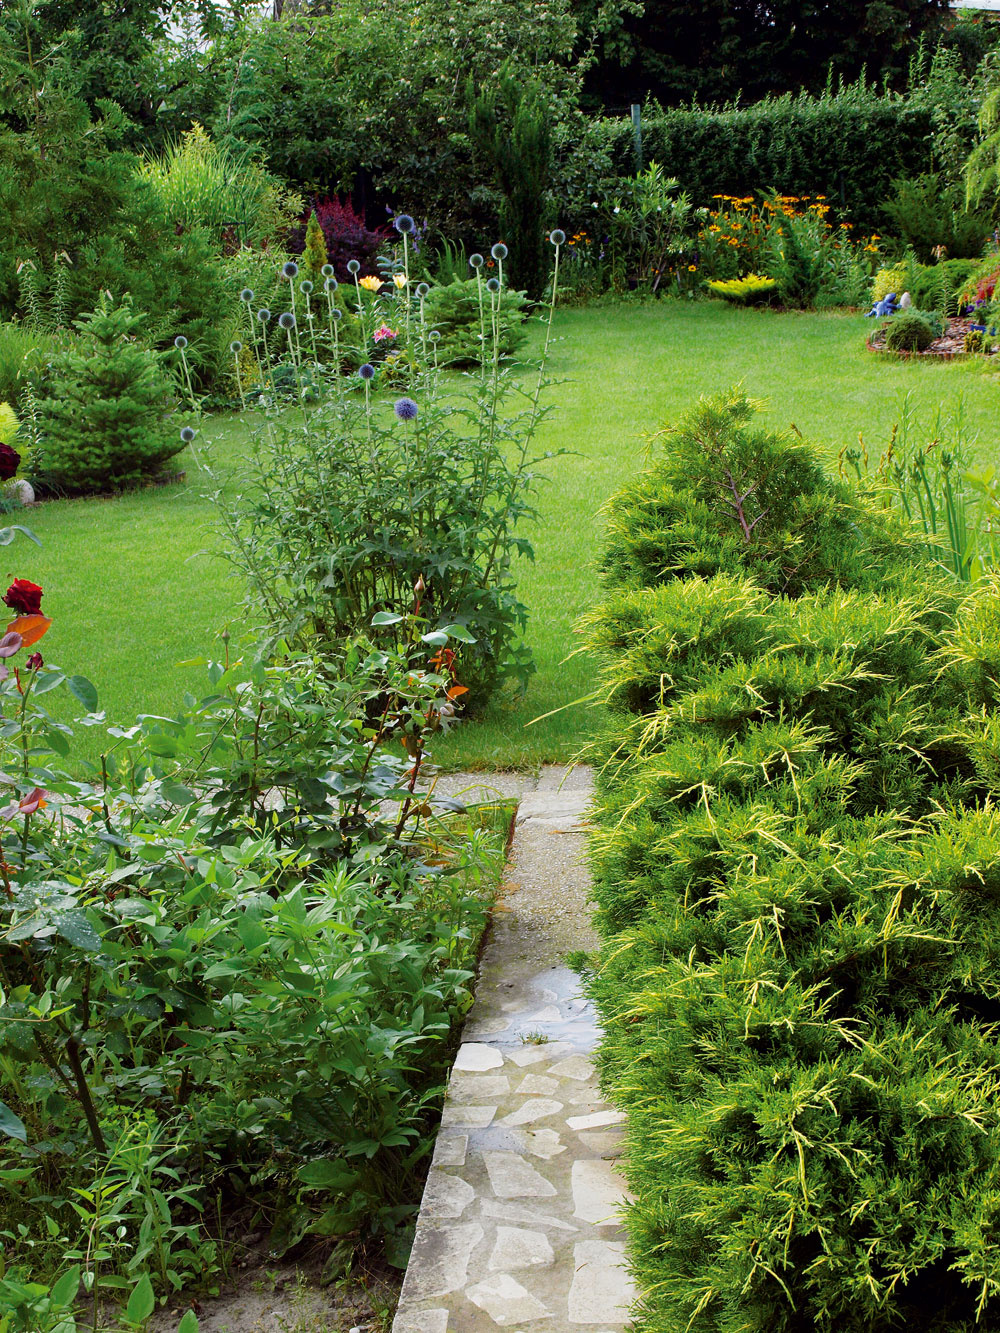 Krátky chodník vás zdomu privedie priamo na trávnik, ktorý je zeleným morom záhrady. Bez neho by bola neprehľadnou húštinou. Oproti vchodovým dverám, na pravej strane centrálnej formácie rastlín, ktorá je výraznou kompozičnou osou záhrady, vytvára pôsobivé zákutie celá plejáda nízkych krov akvetov. (Vpozadí majestátna pichľavá kráska, nenáročná trvalka, ktorá má vslovenčina naozaj nezvyčajné meno – ježibaba modrá. Jej latinský názov Echinops je podstatne menej dramatický – vpreklade znamená podobný ježkovi.)